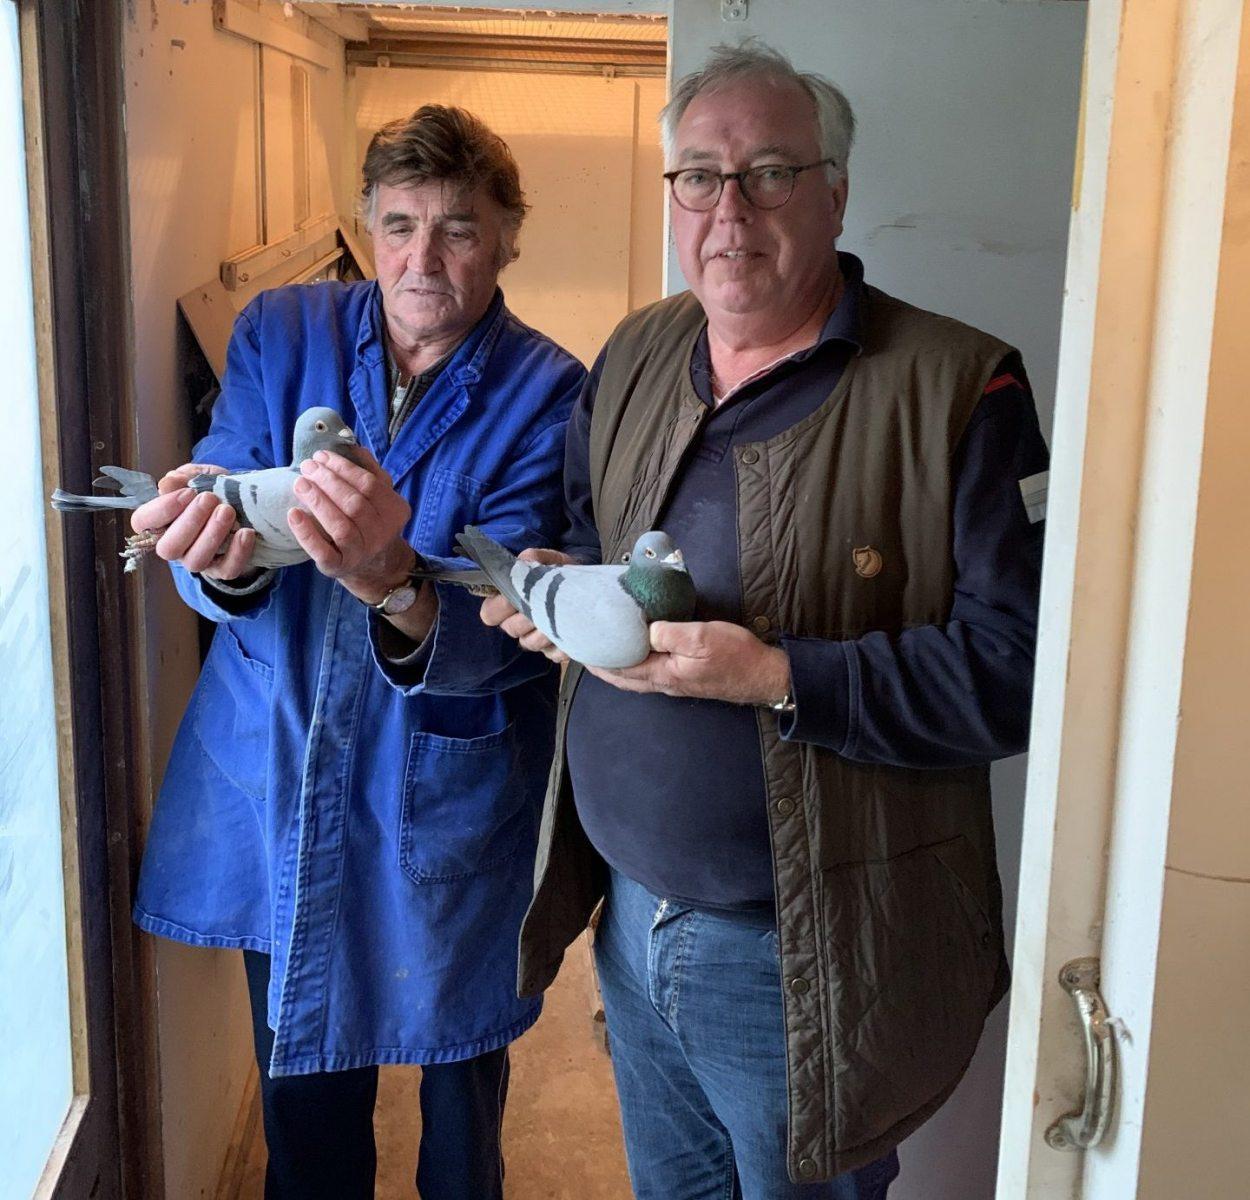 Douwe en Peter Soepboer uit Burgum, Friesland